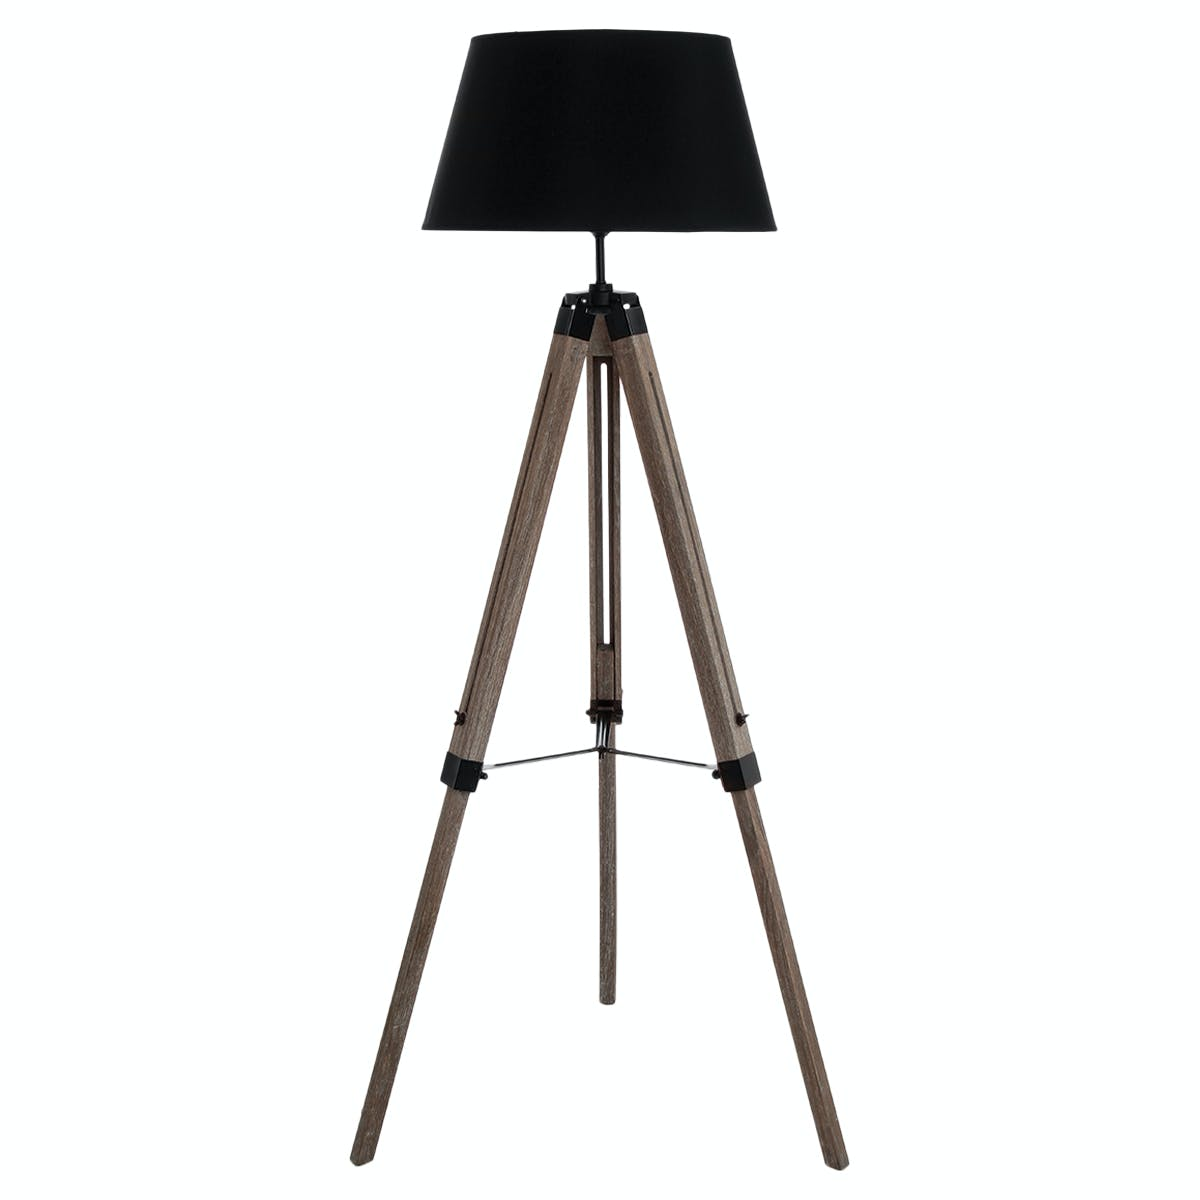 Lampadaire en bois patiné grisé forme trépied et abat-jour noir H145cm